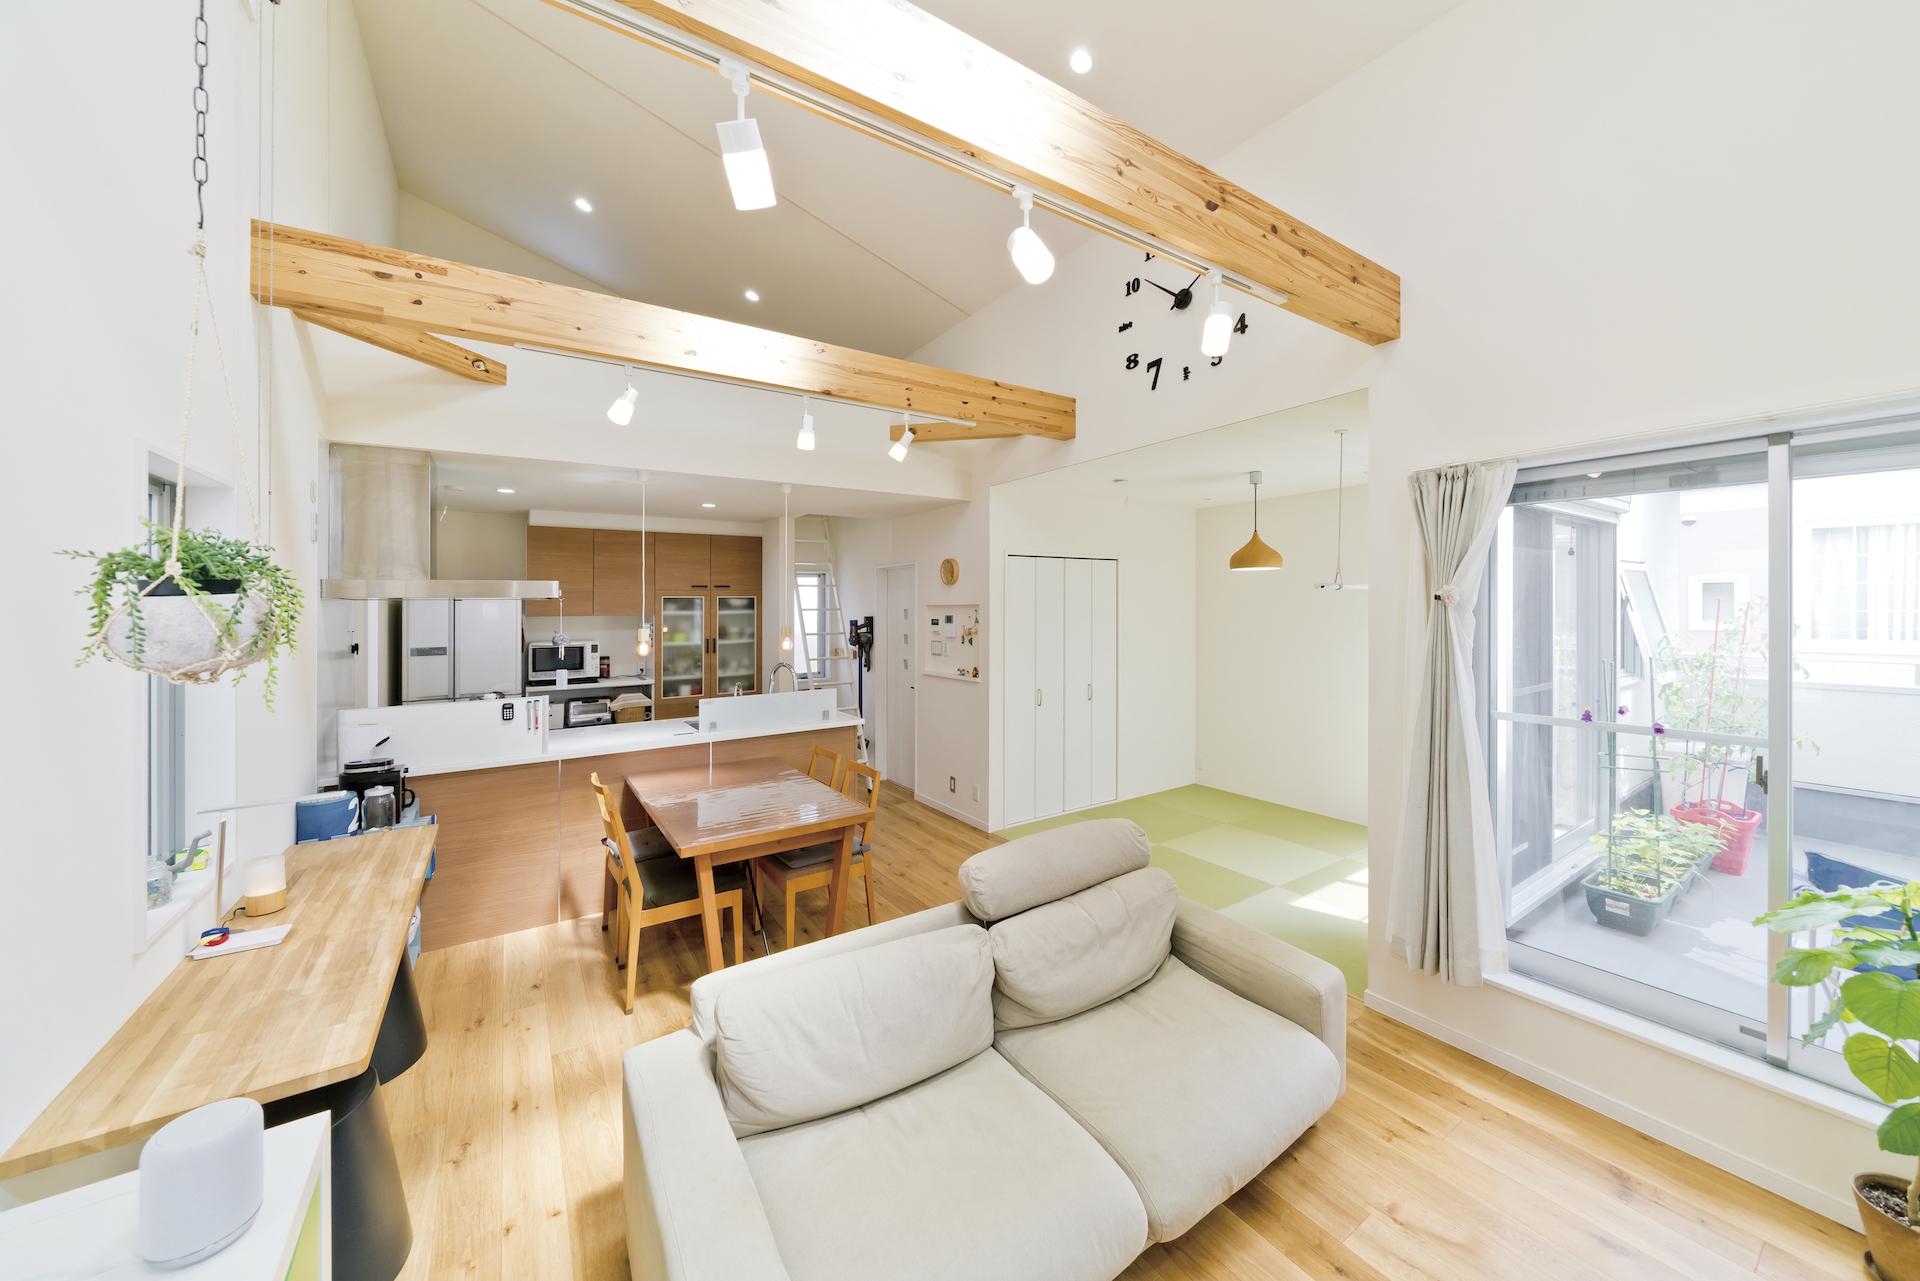 新築 豊中市 内観 キッチン リビング 和室1